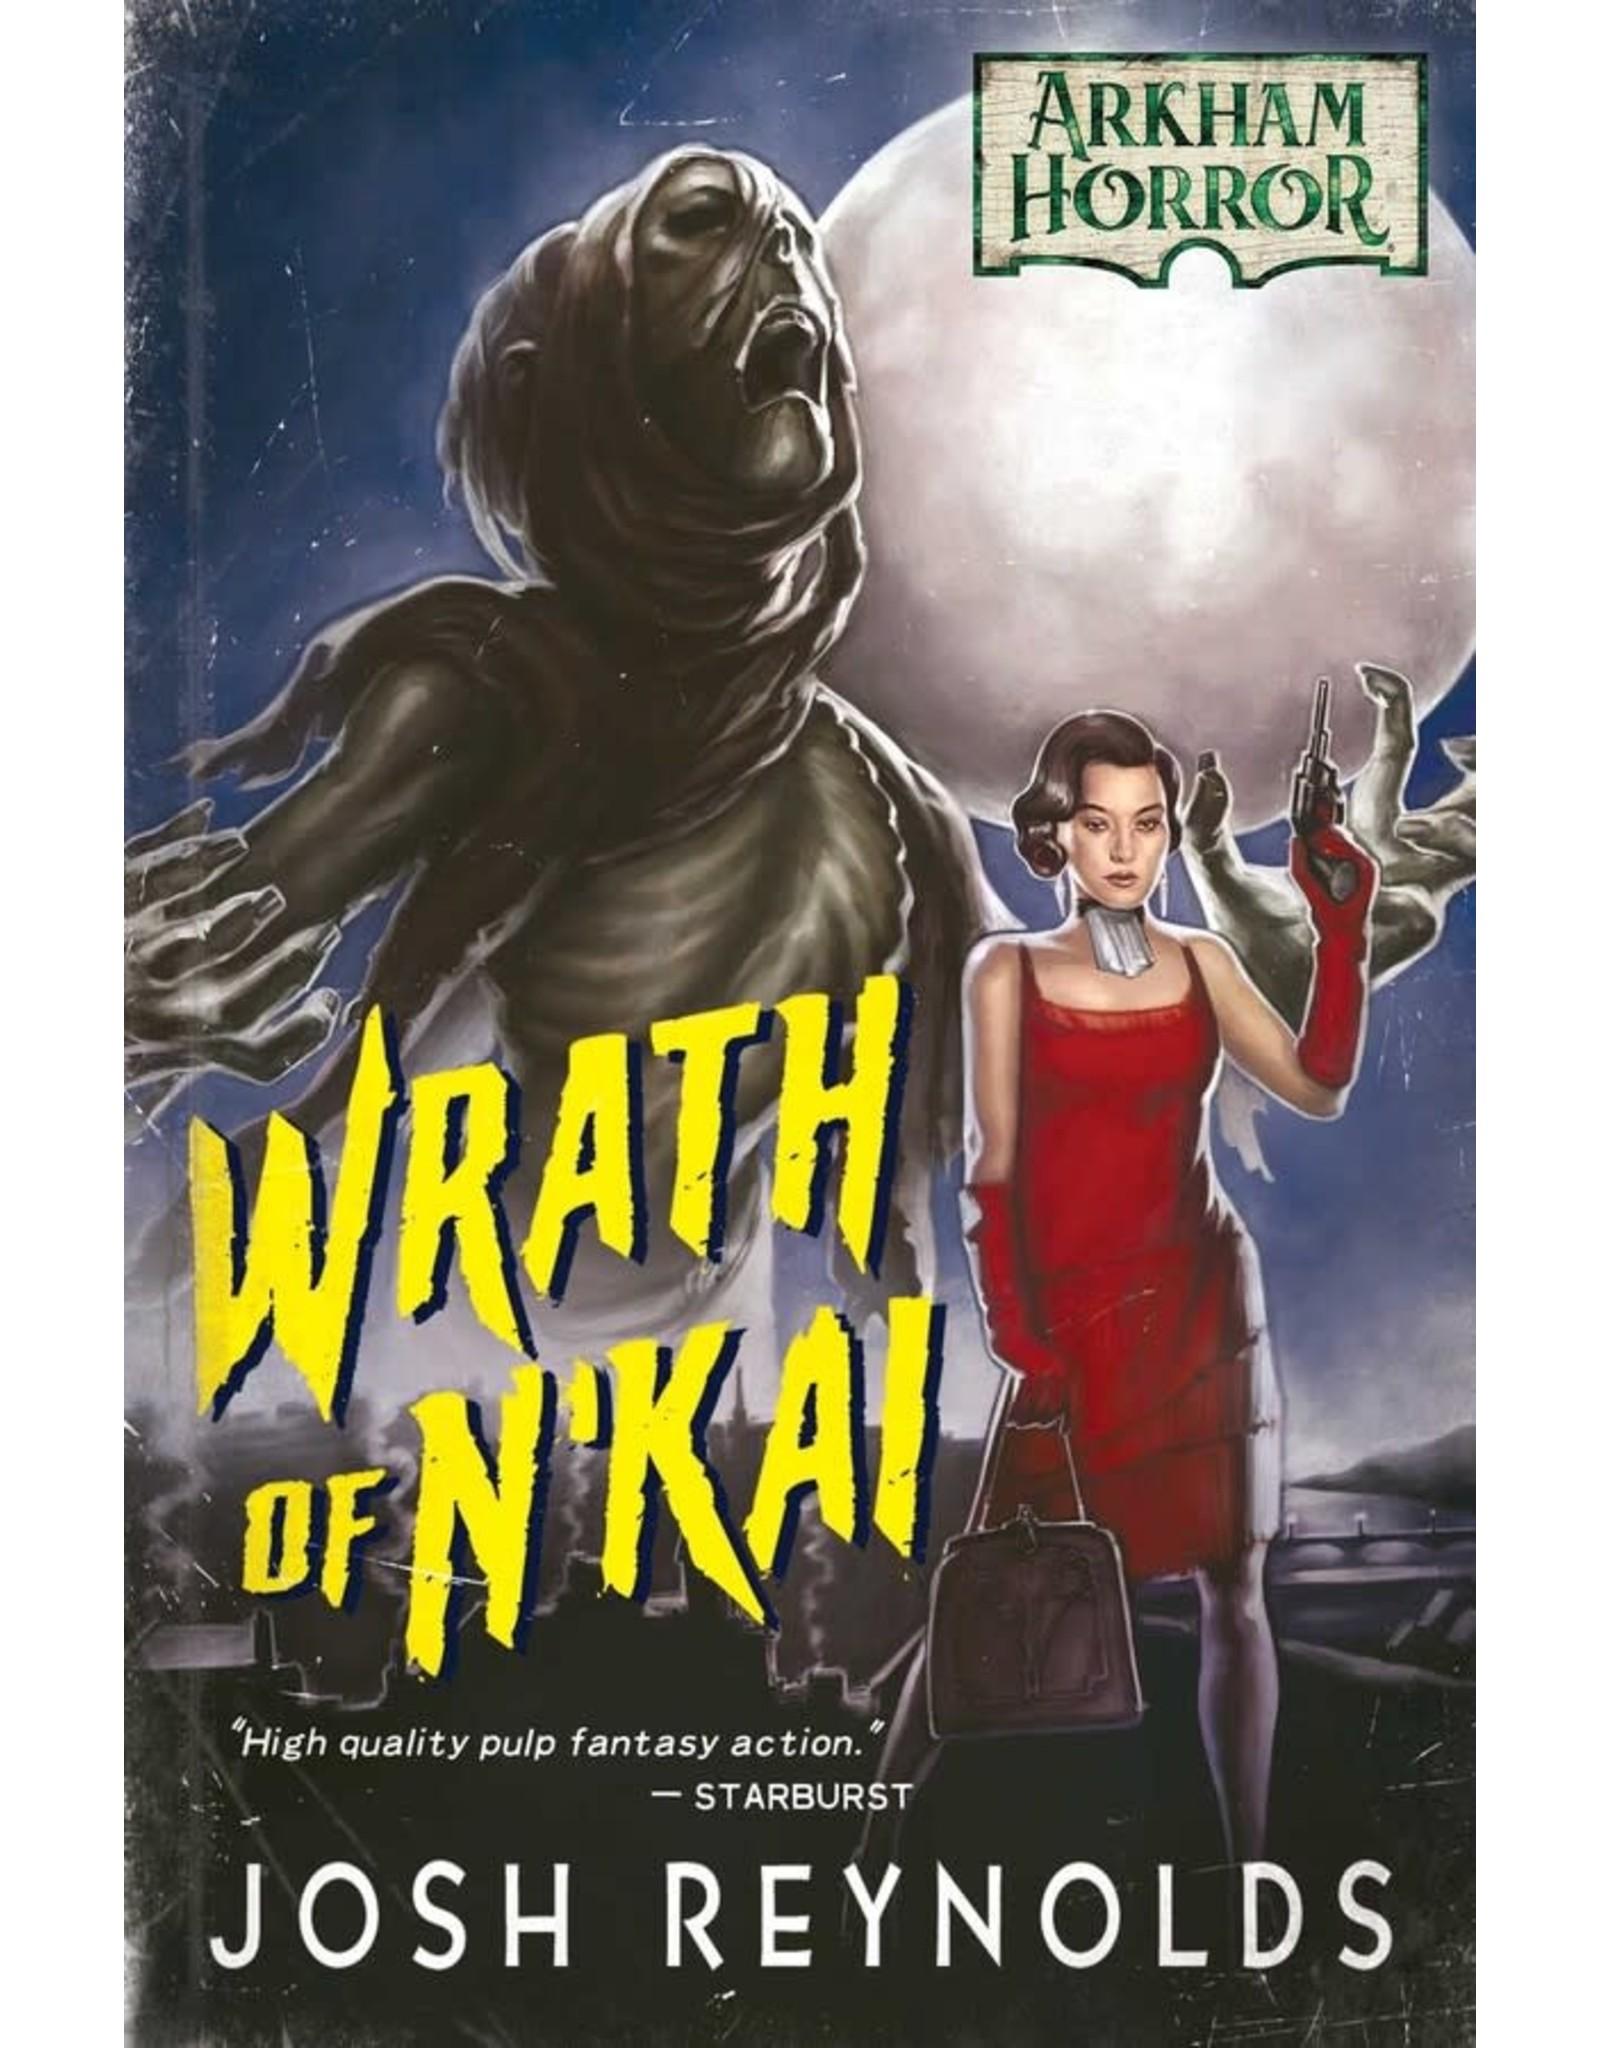 FANTASY FLIGHT GAMES ARKHAM HORROR: WRATH OF N'KAI NOVEL